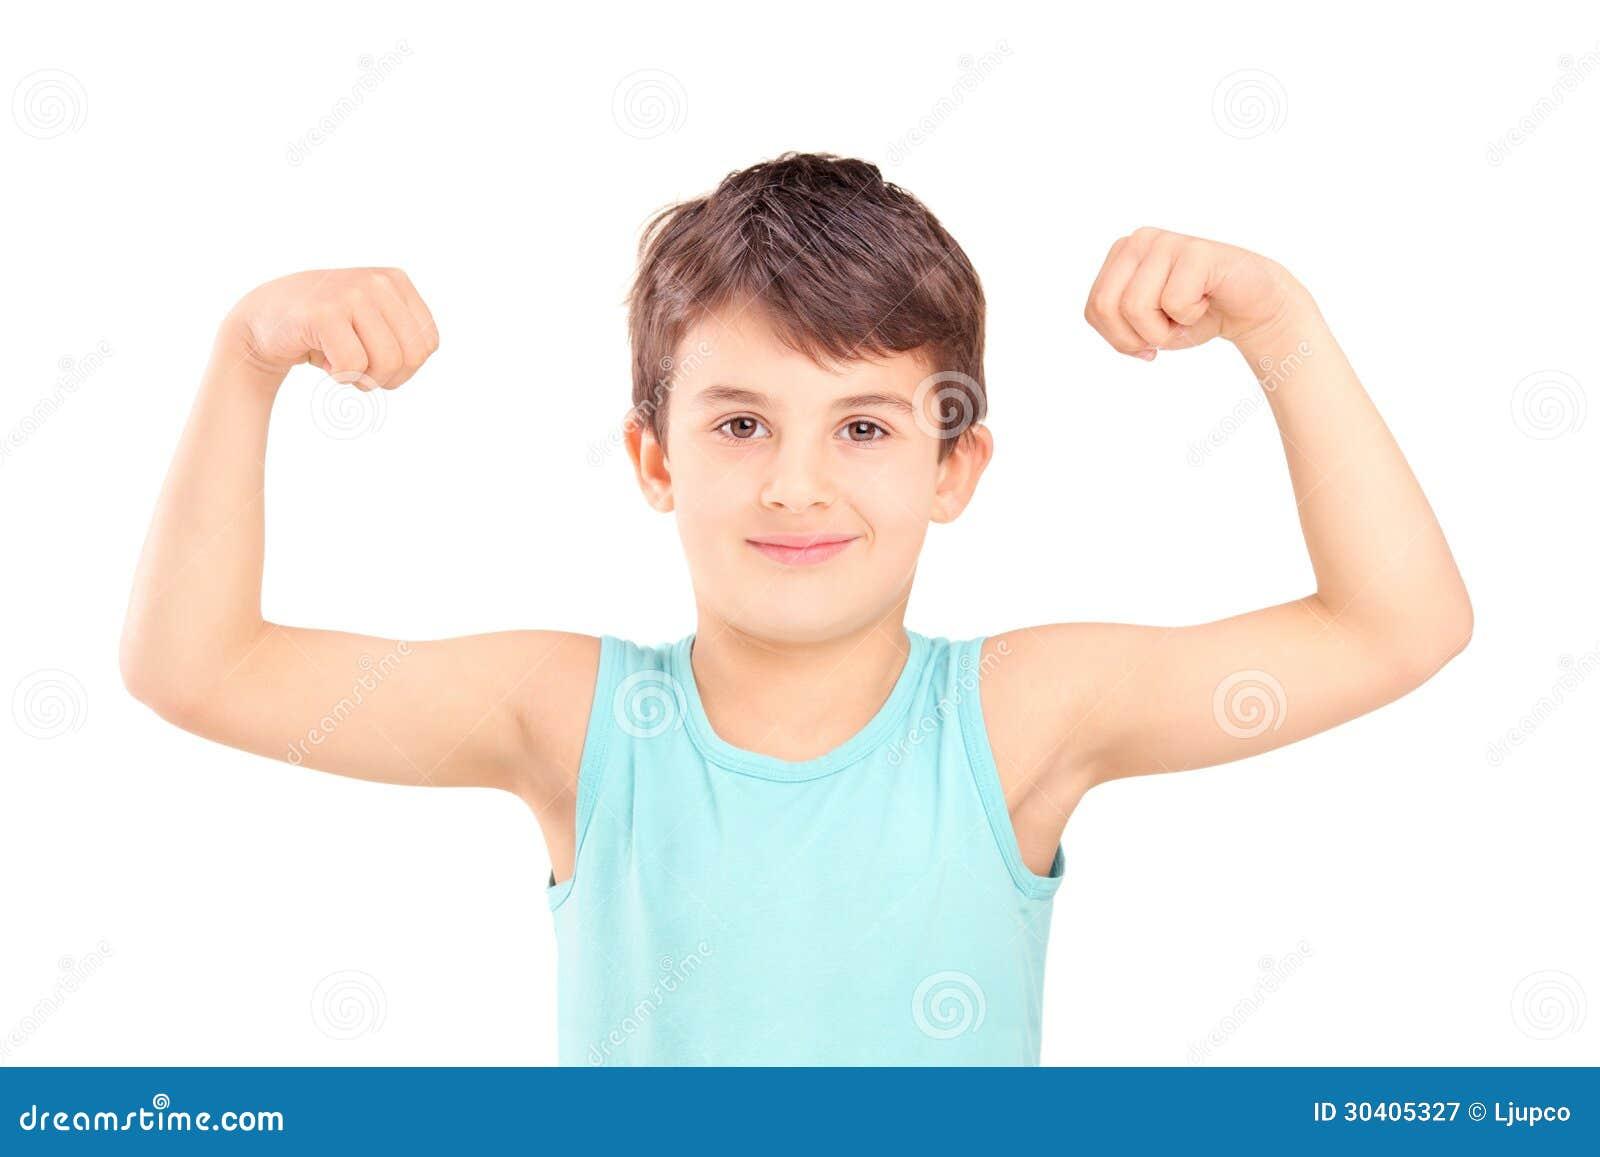 Little Kids Muscular